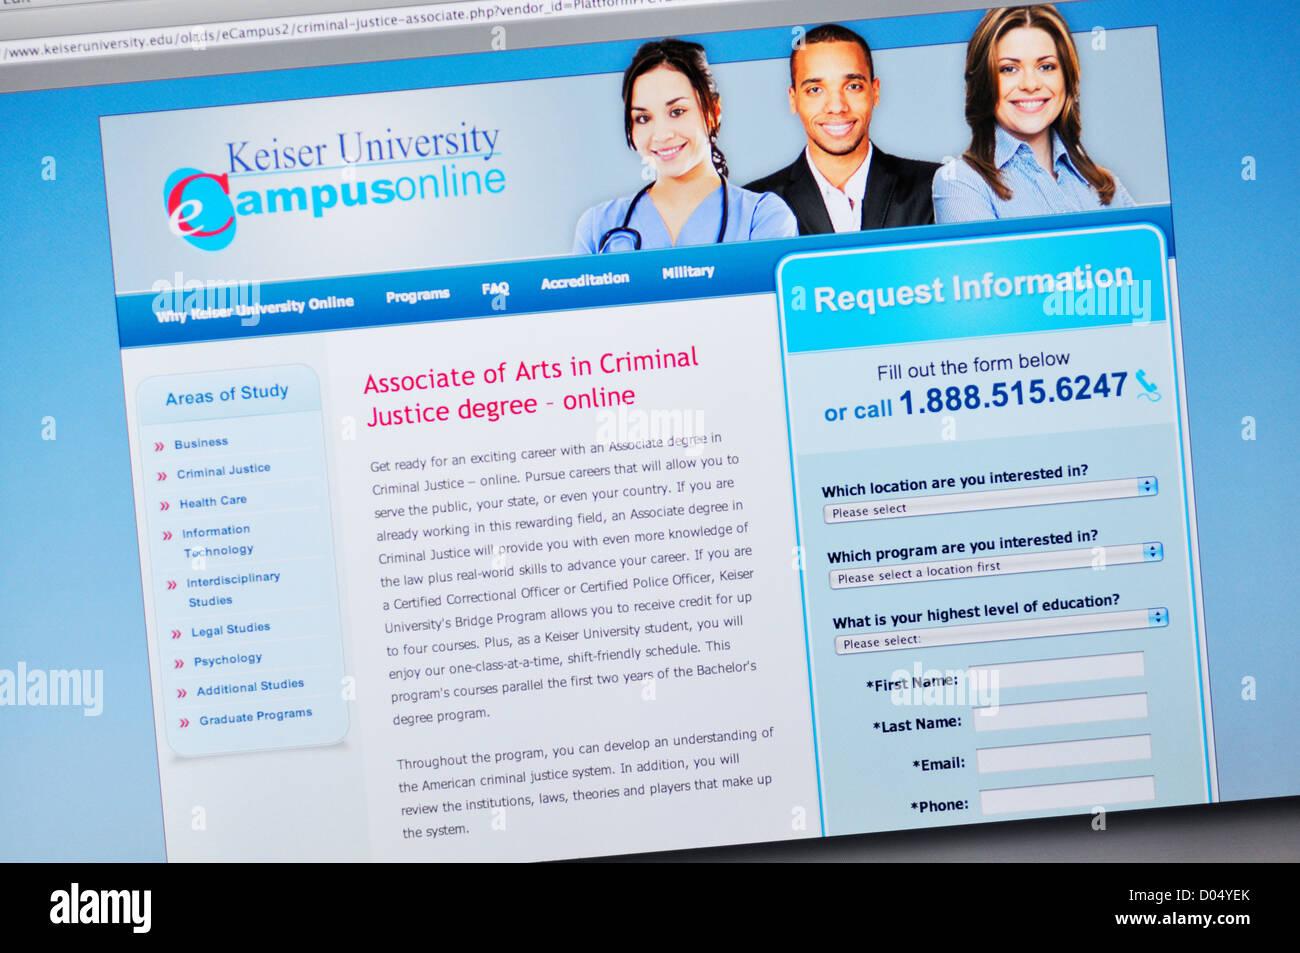 Keiser University Email >> Keiser University Website Online Degree Programs Stock